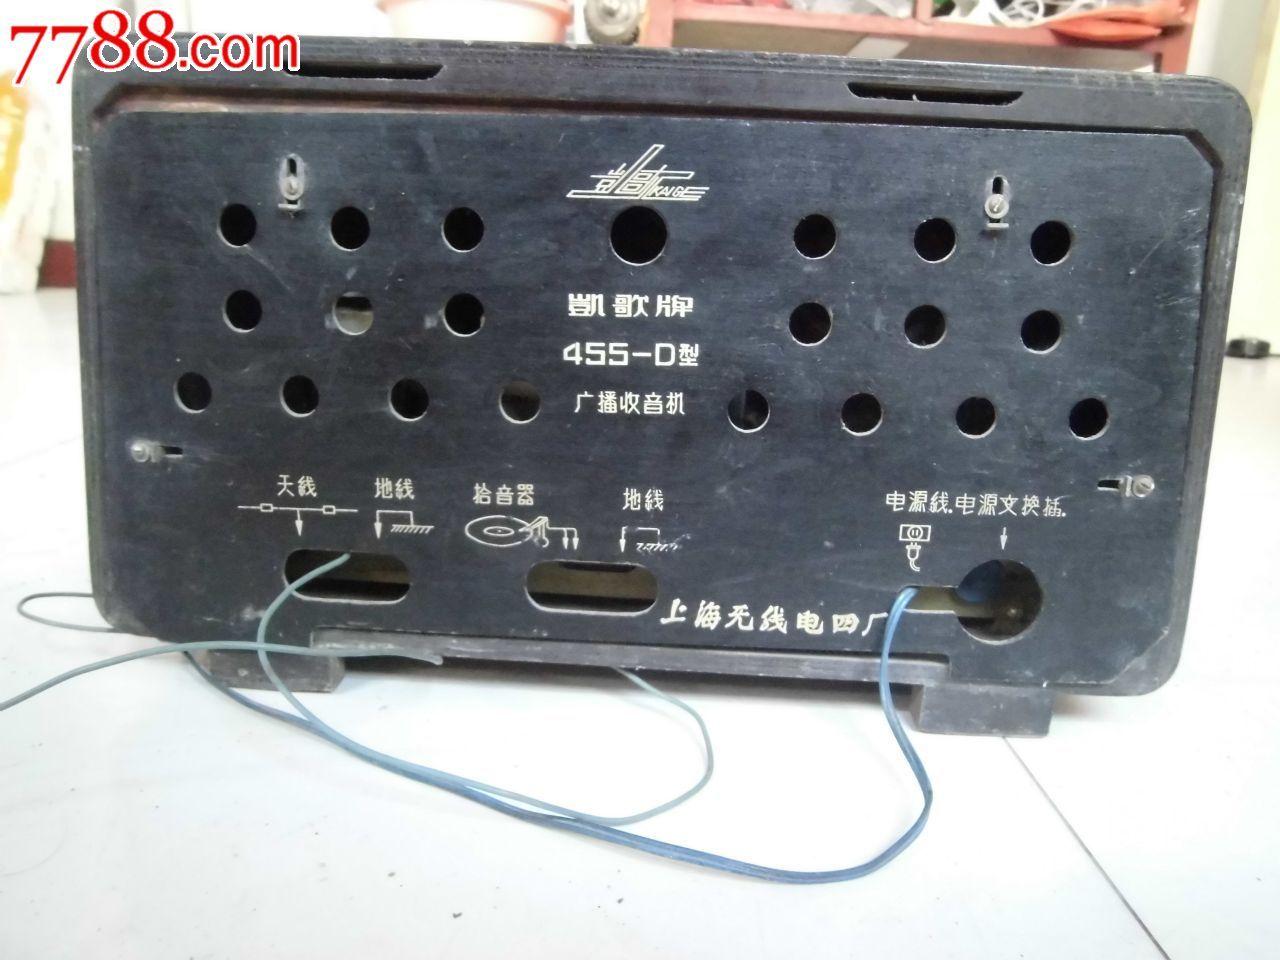 凯歌455d电子管收音机